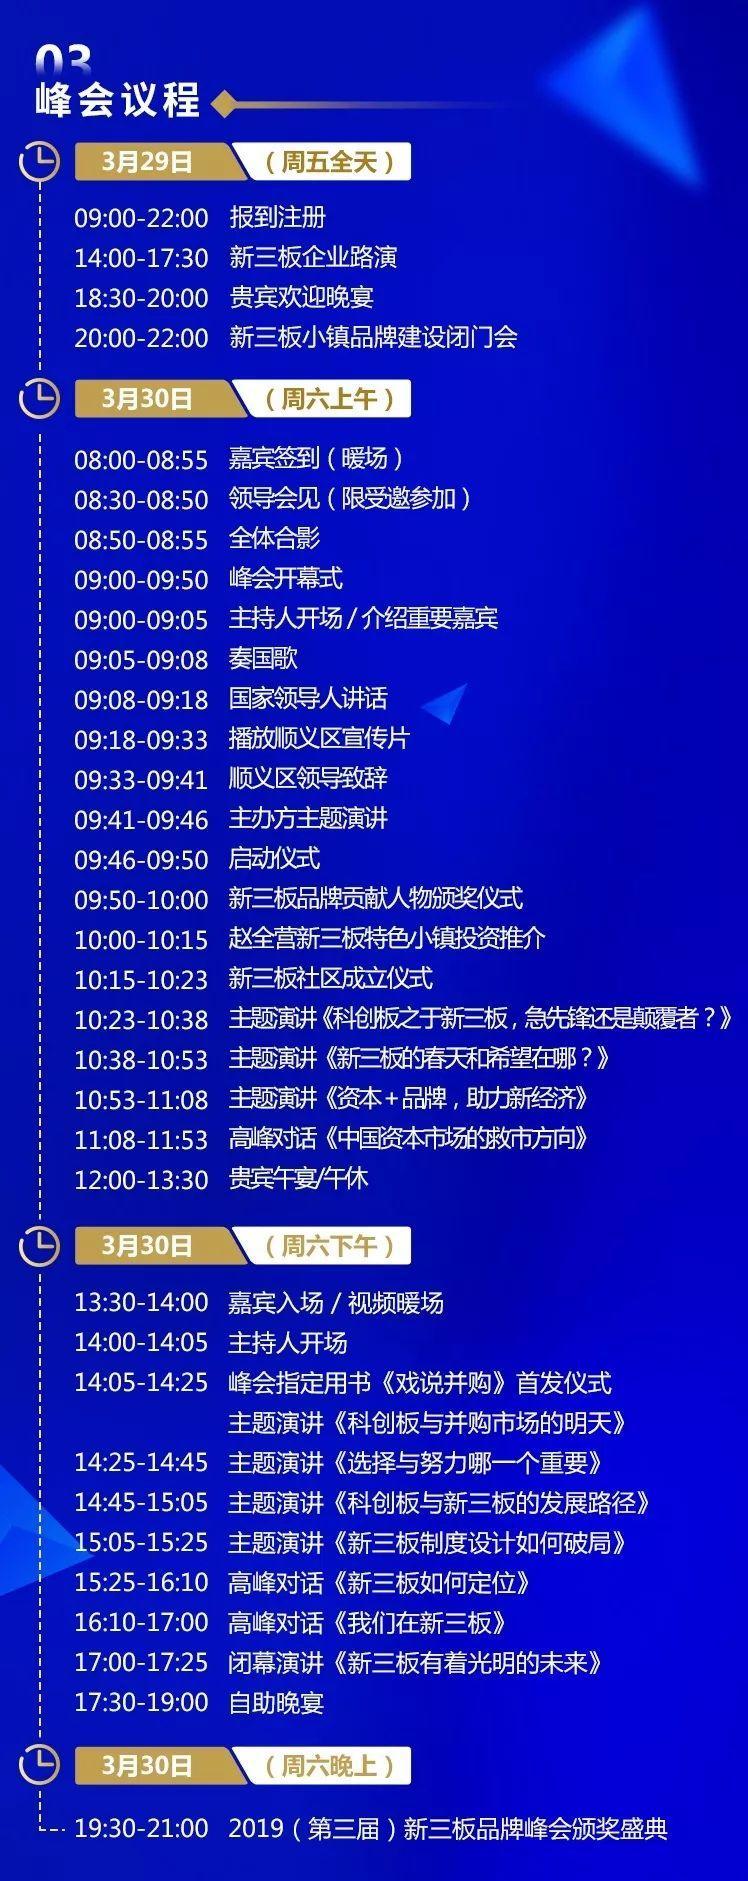 刘子沐、吴婧将出席2019(第三届)新三板品牌峰会